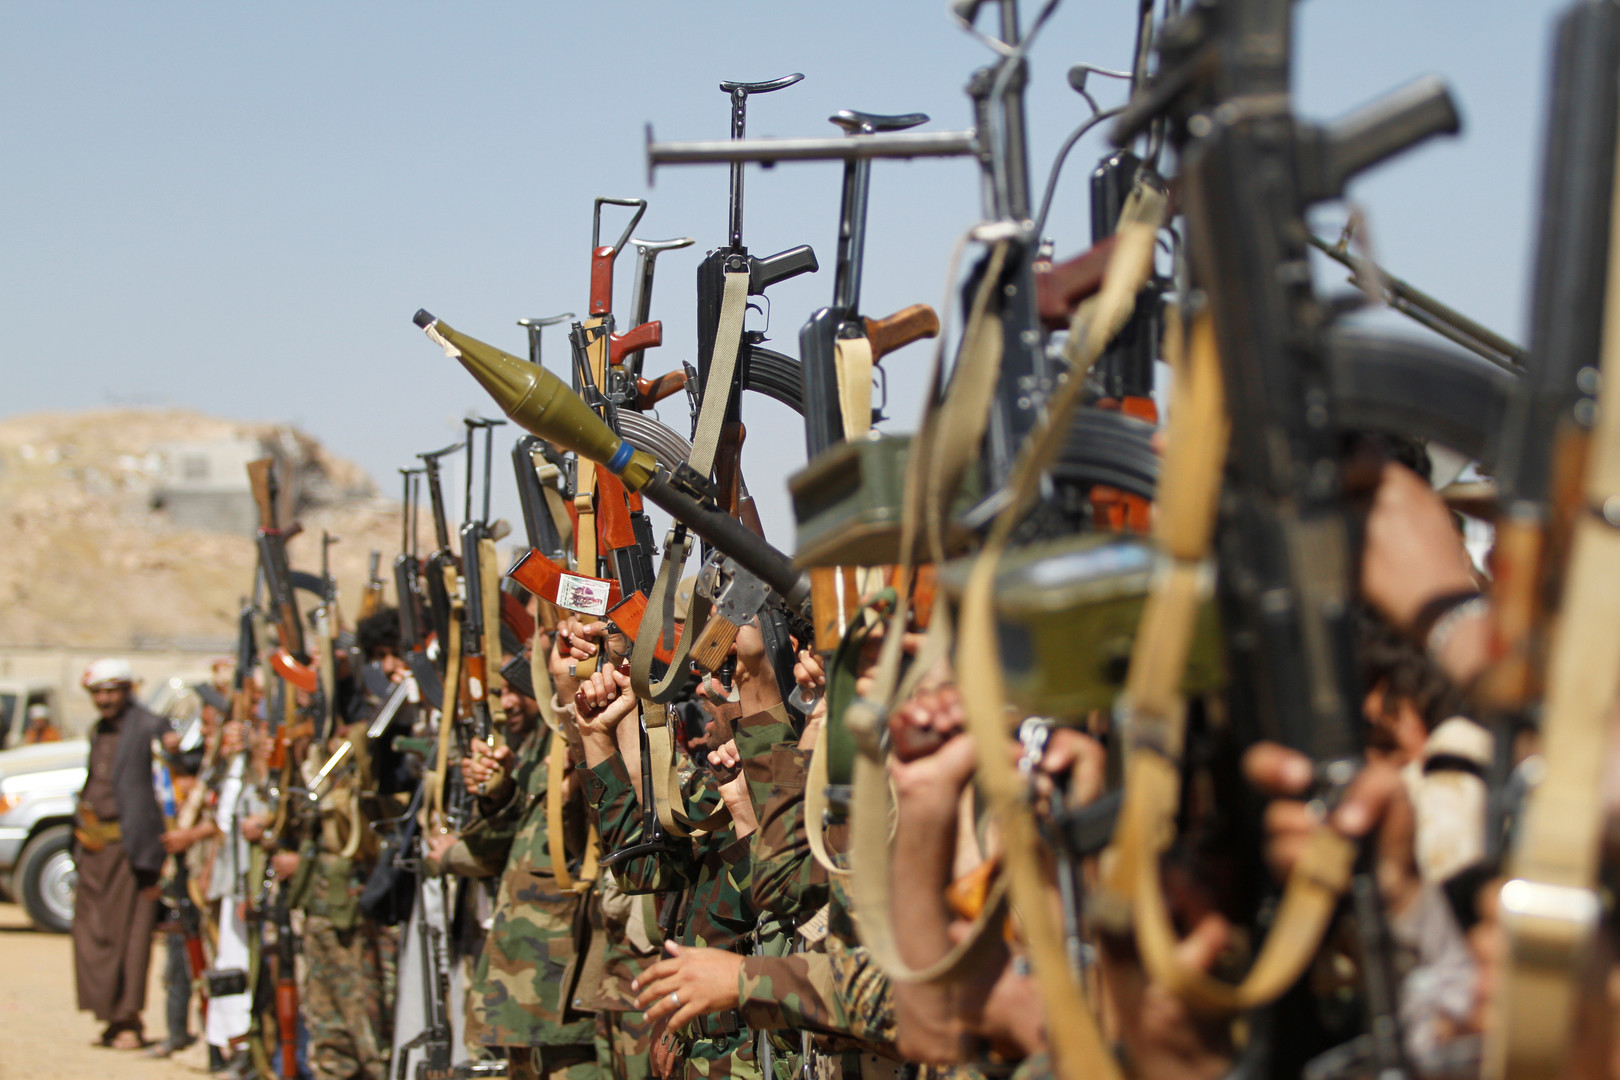 قوات هادي: مقتل وجرح 25 حوثيا بمعارك في الضالع وسط اليمن